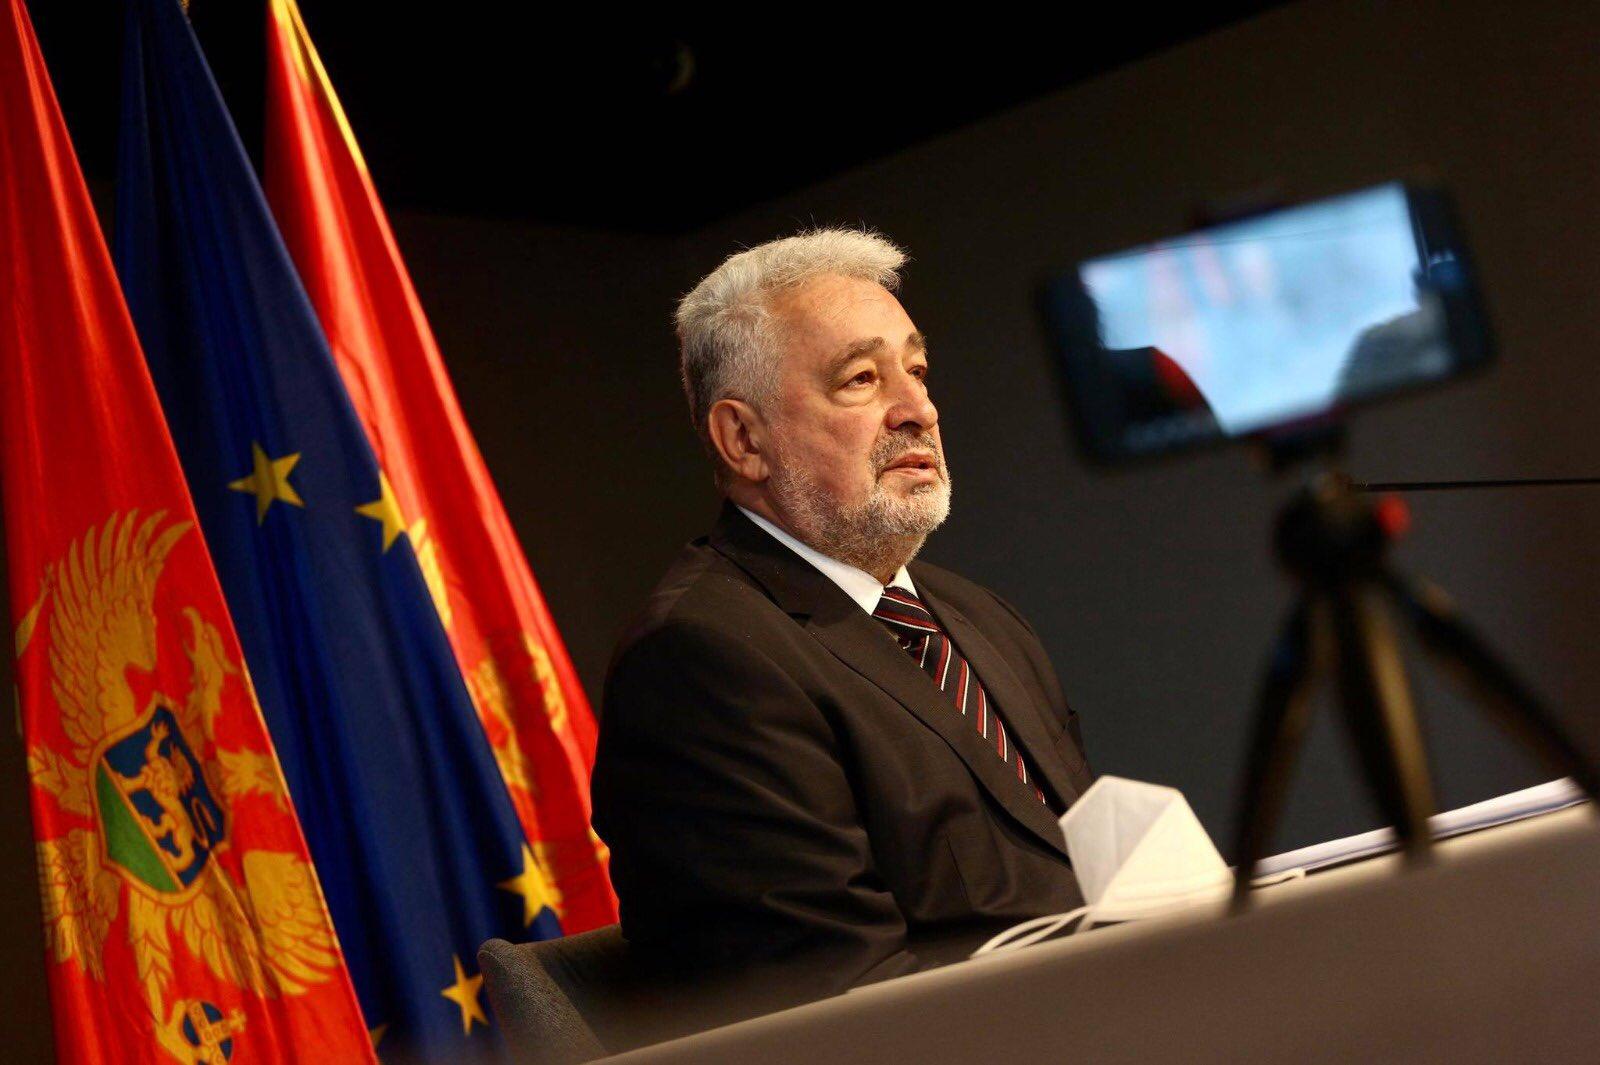 Μαυροβούνιο: Ευχαριστημένος από το έργο της κυβέρνησης ο Krivokapić